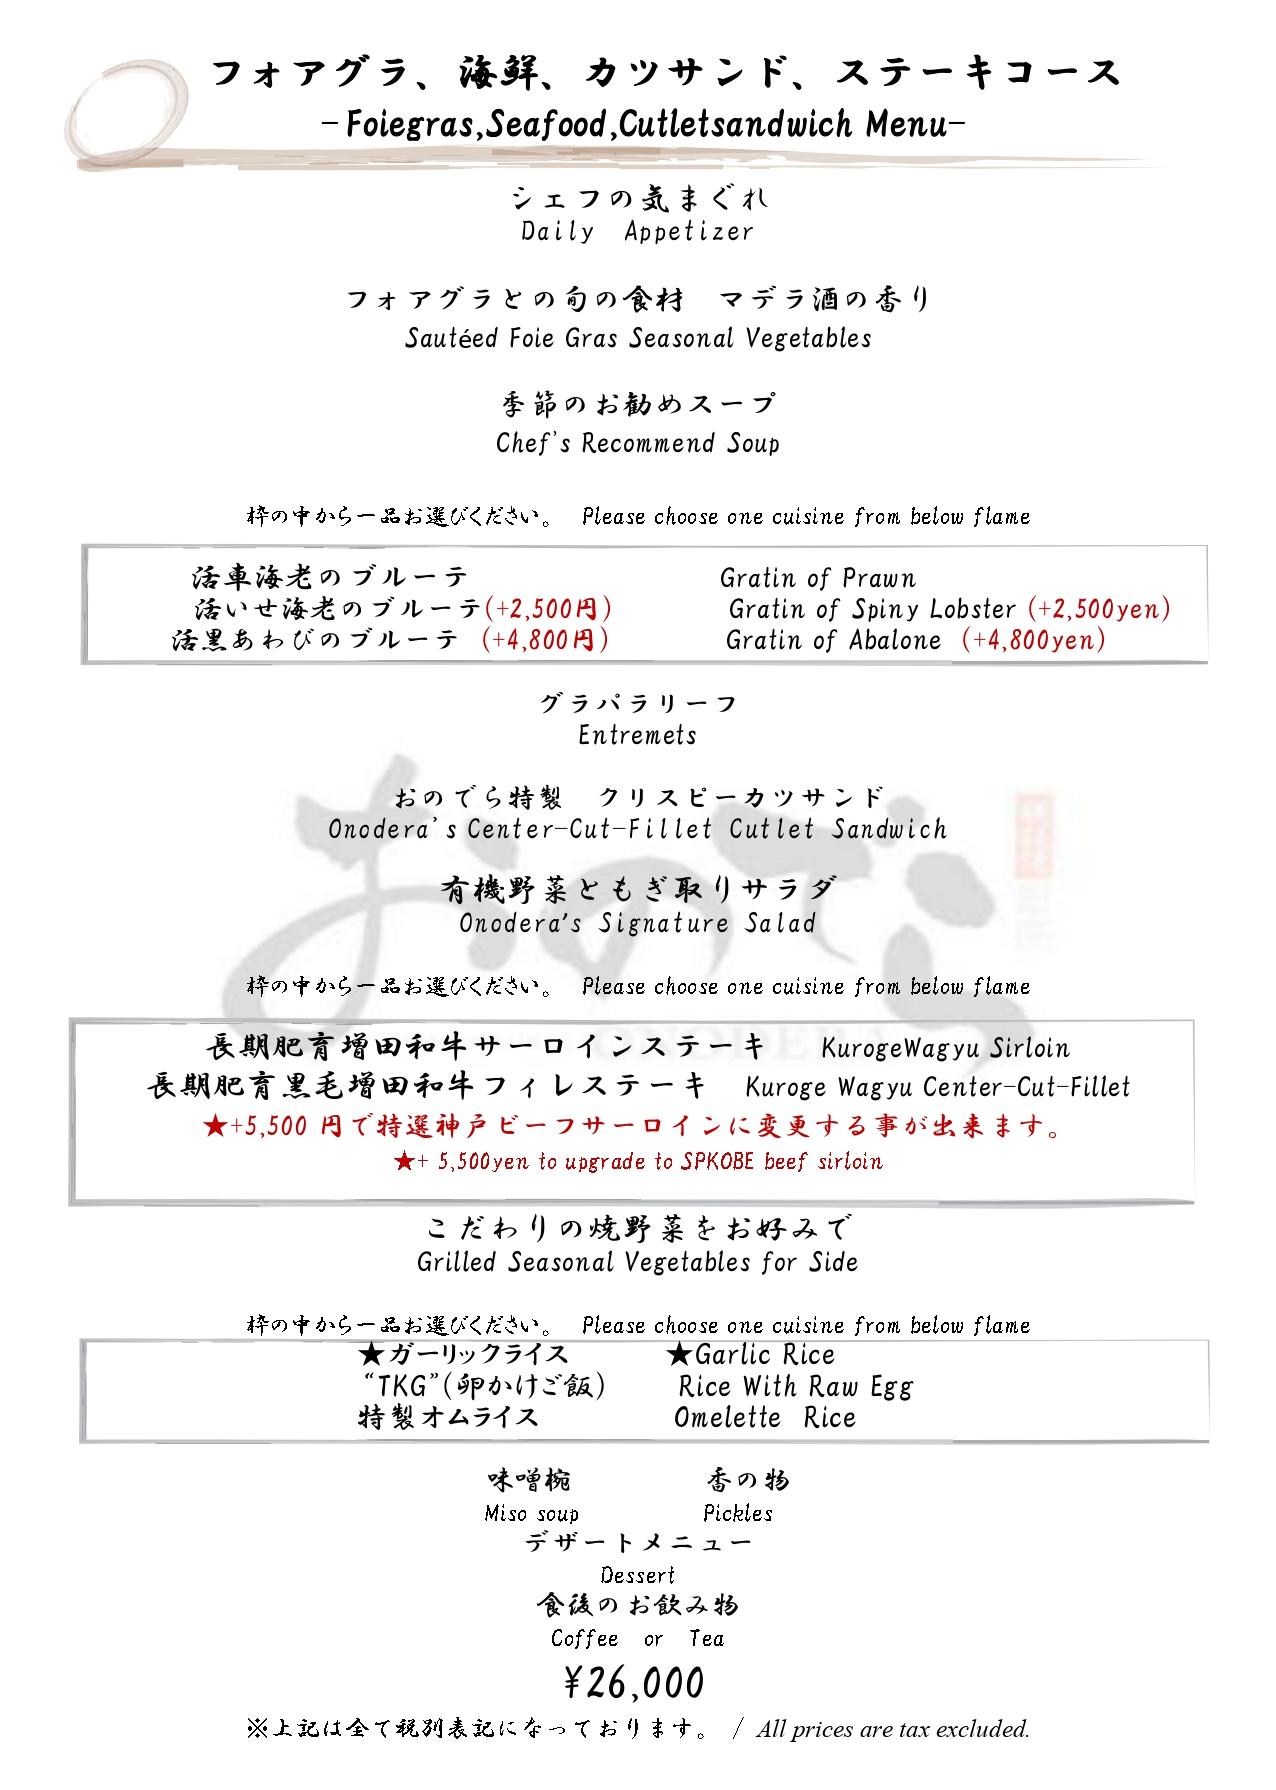 鉄板焼 [銀座店] ディナーメニュー7